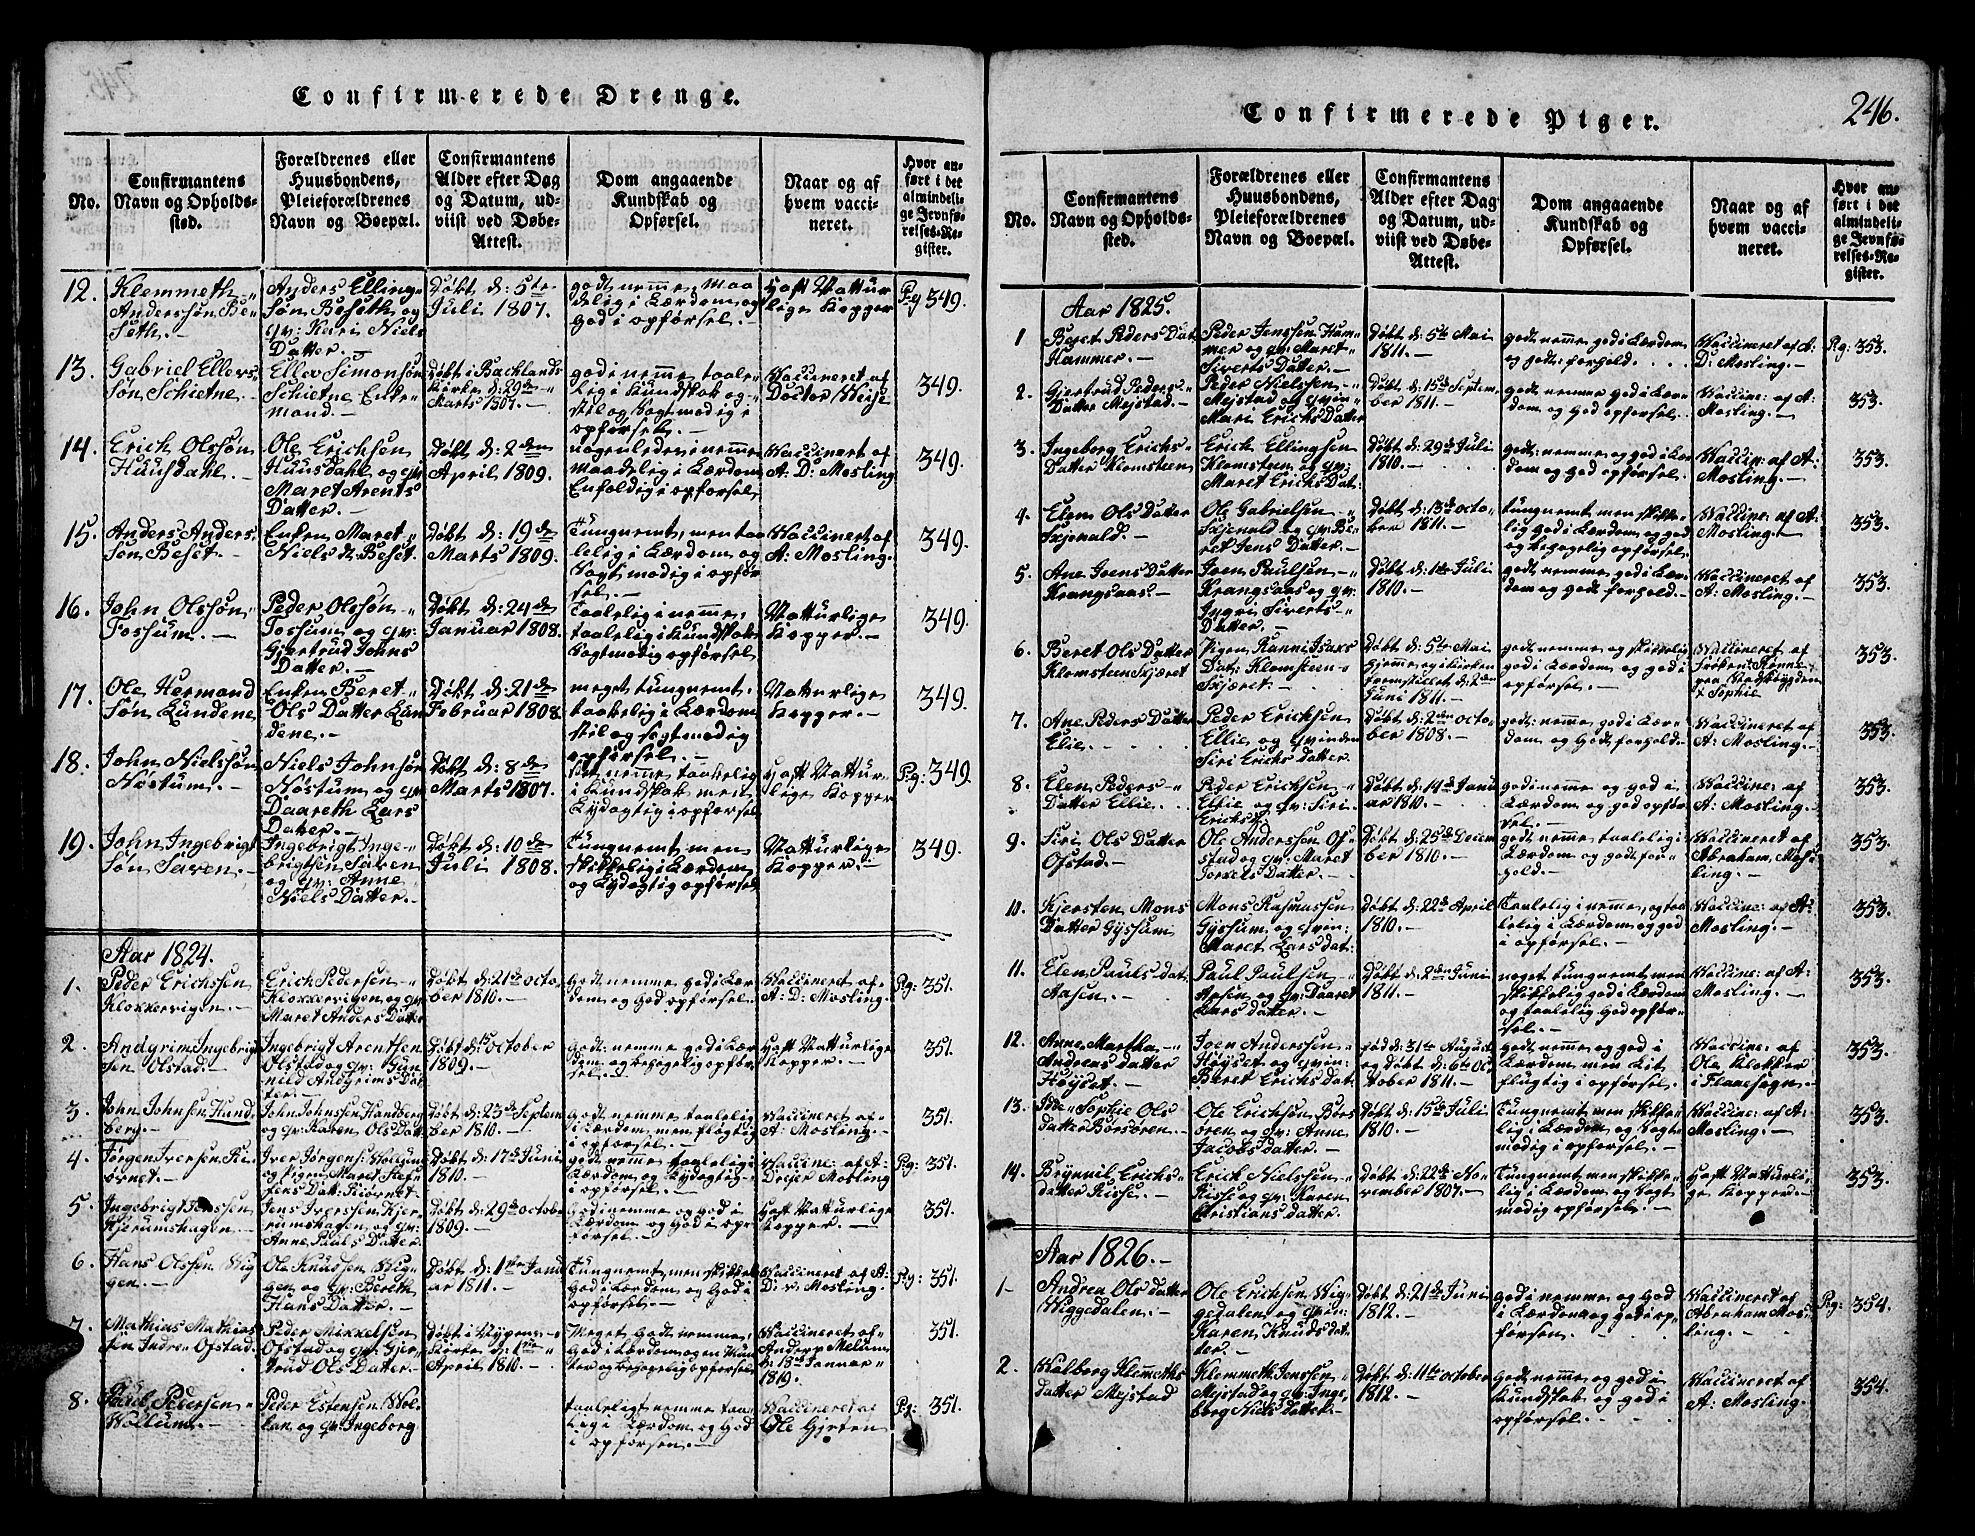 SAT, Ministerialprotokoller, klokkerbøker og fødselsregistre - Sør-Trøndelag, 665/L0776: Klokkerbok nr. 665C01, 1817-1837, s. 246